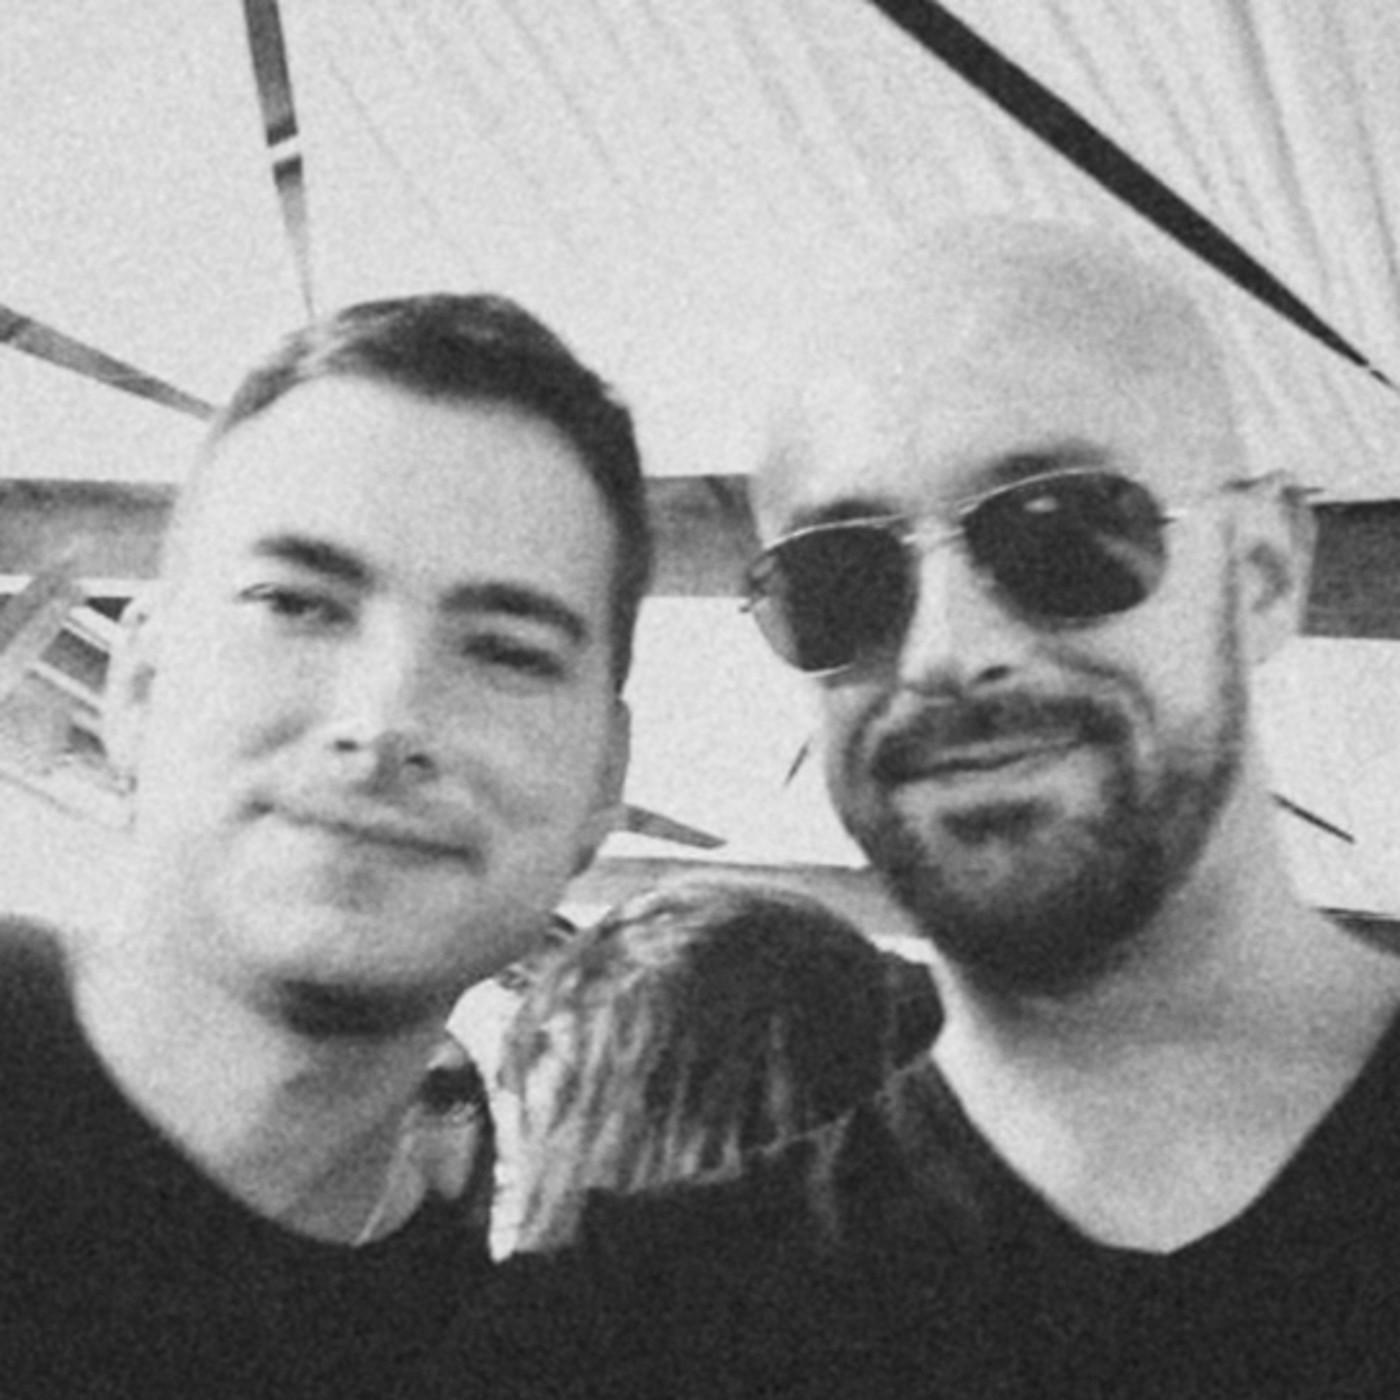 Carlos Maestro & Alex Garcia